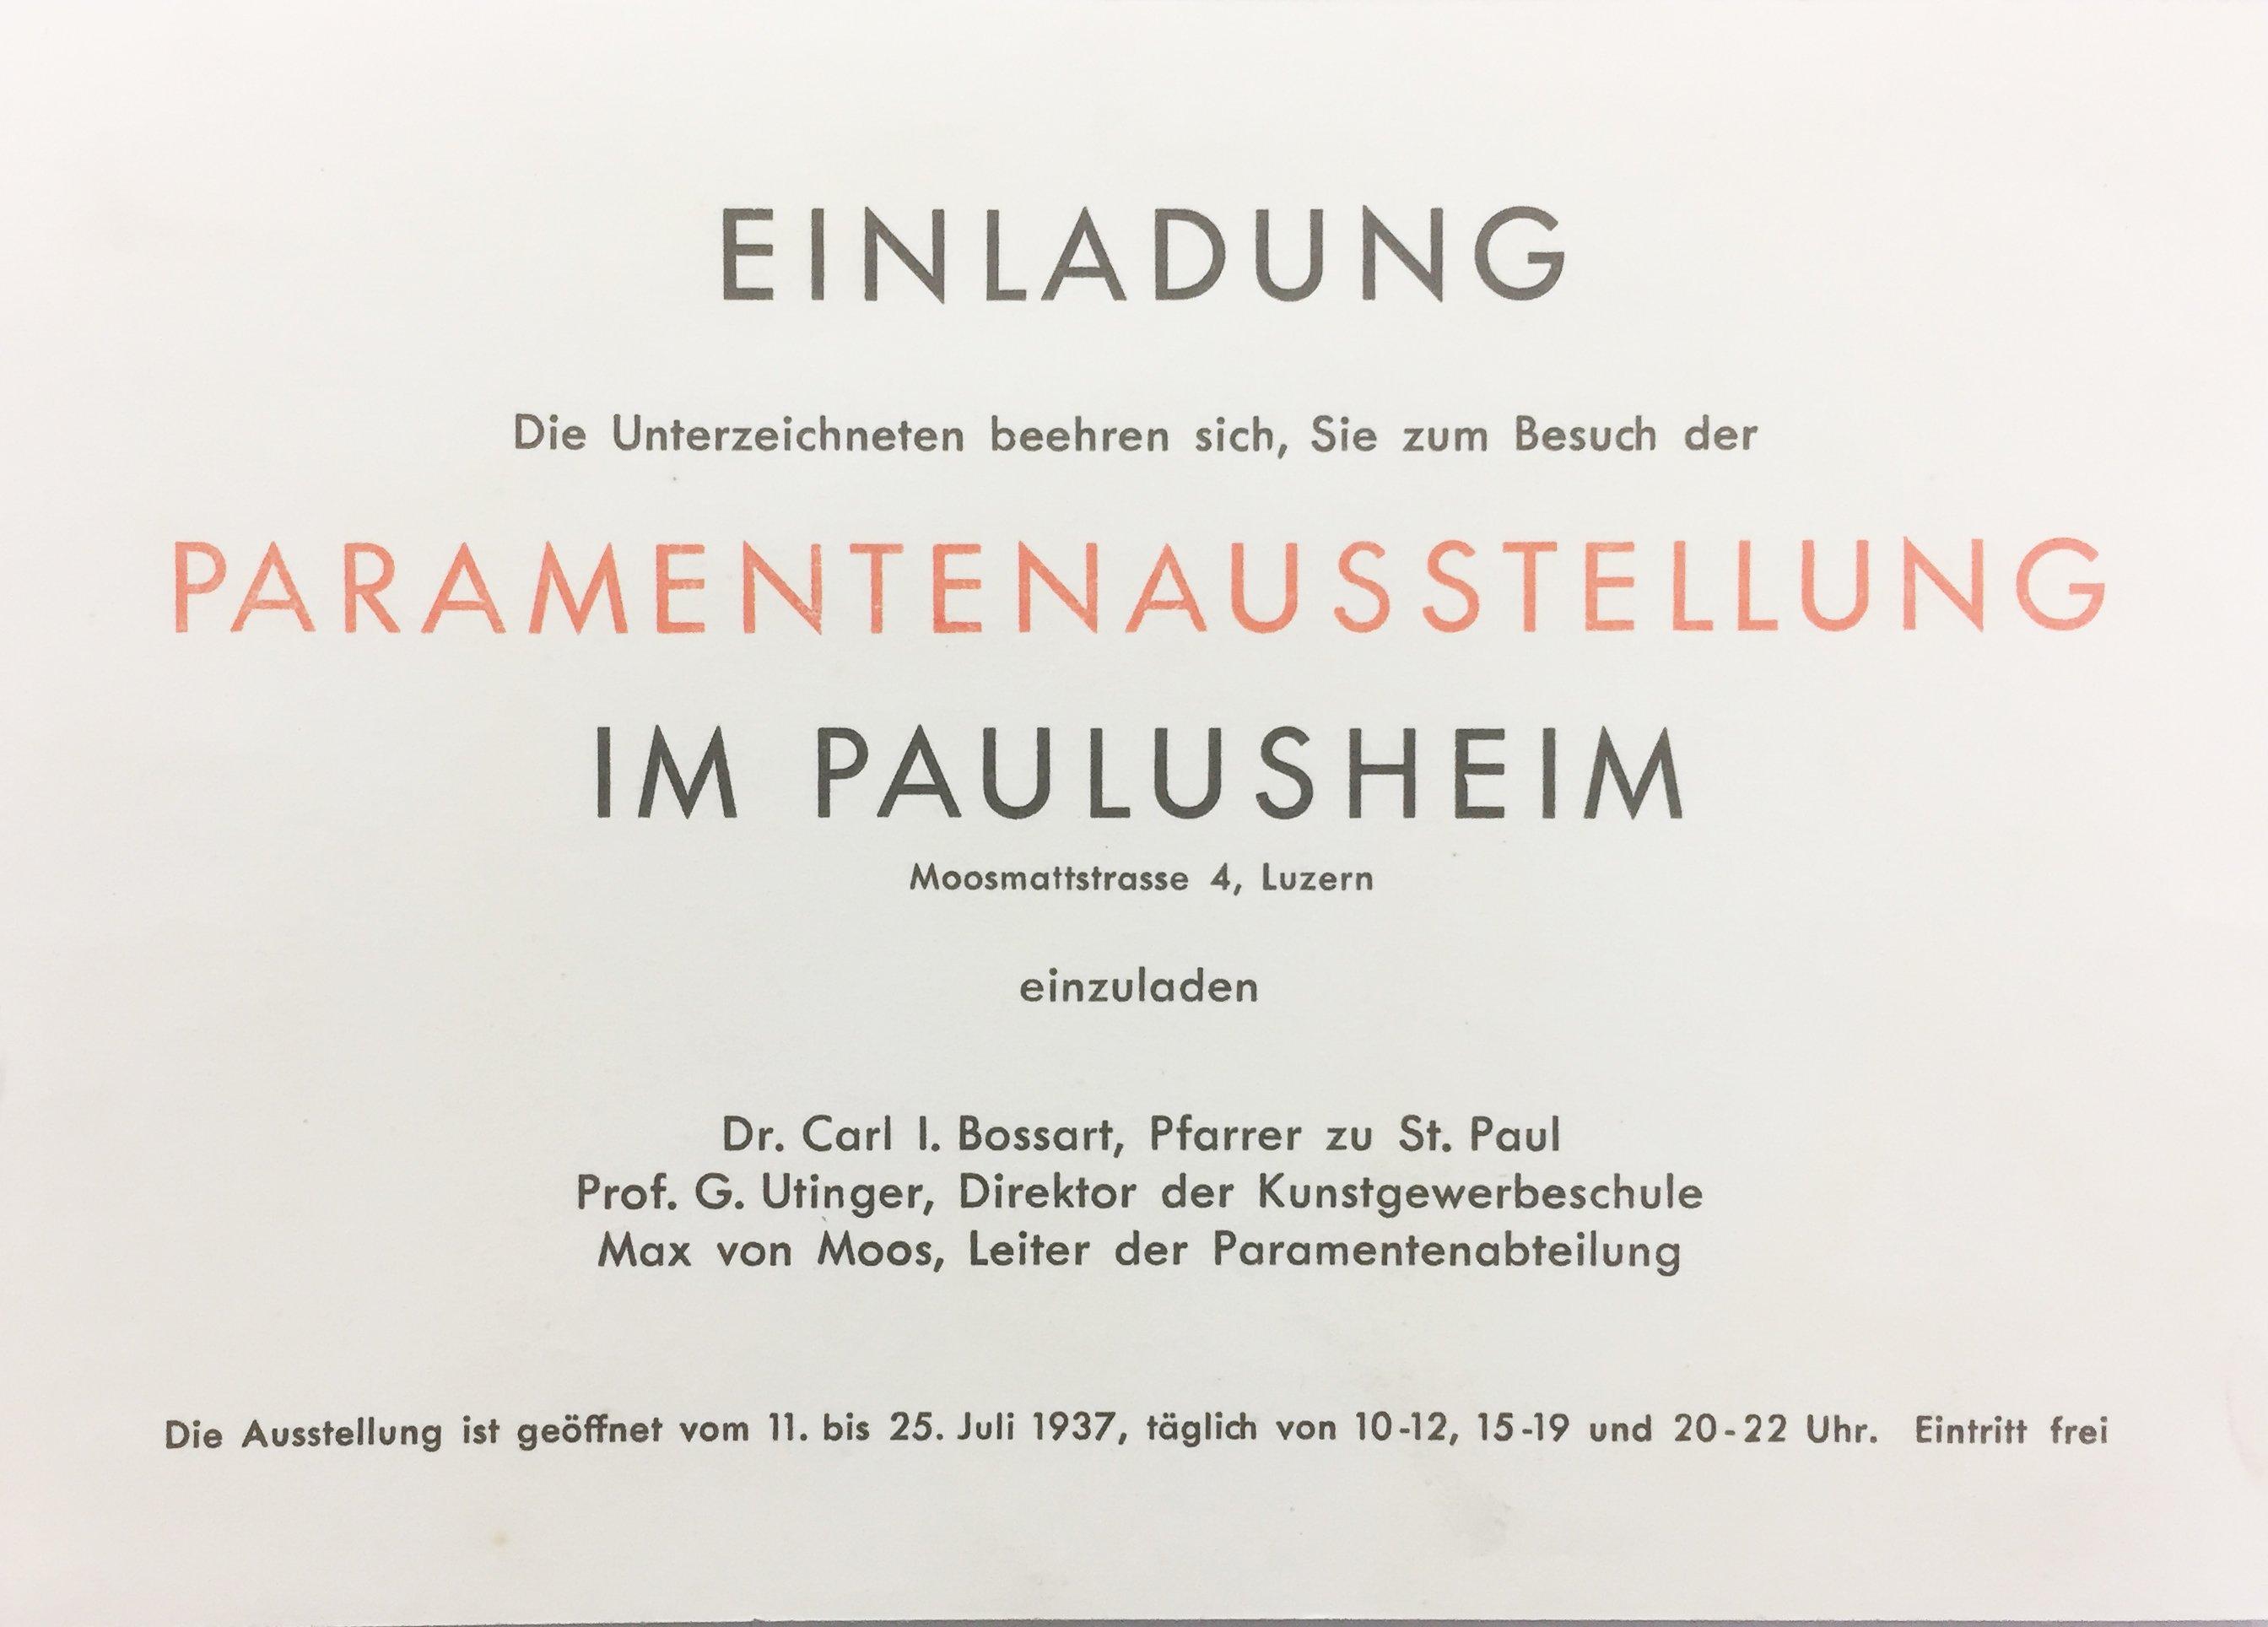 Einladungskarte zur Paramentenausstellung im Paulusheim Luzern 1937